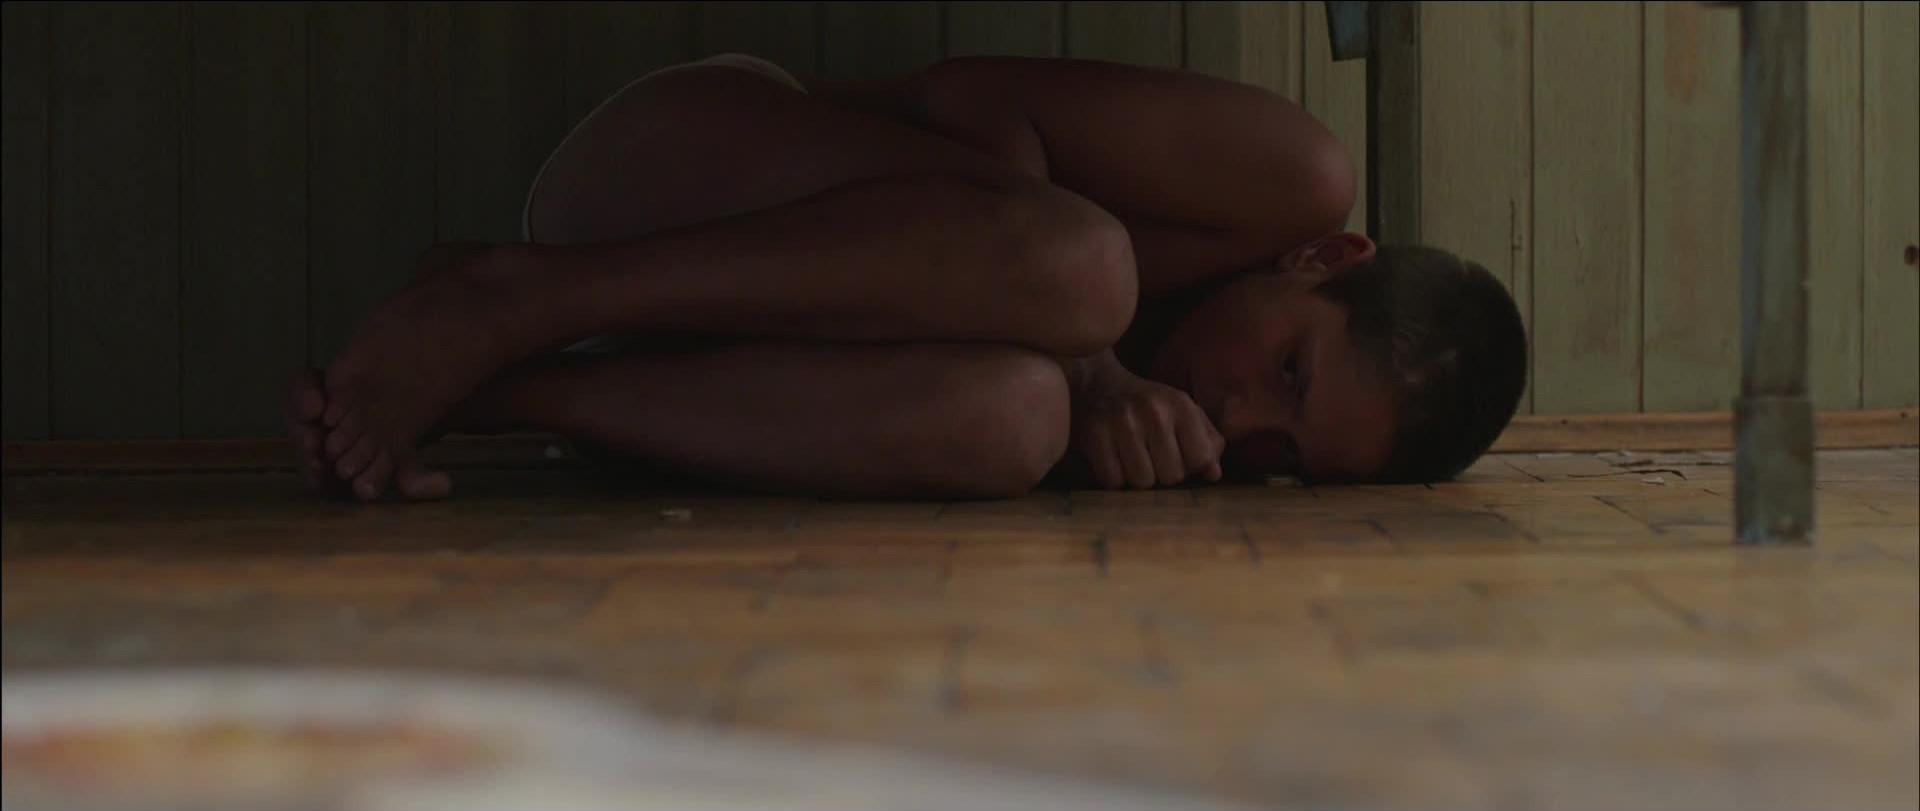 No One's Child: una drammatica scena del film di Vuk Rsumovic